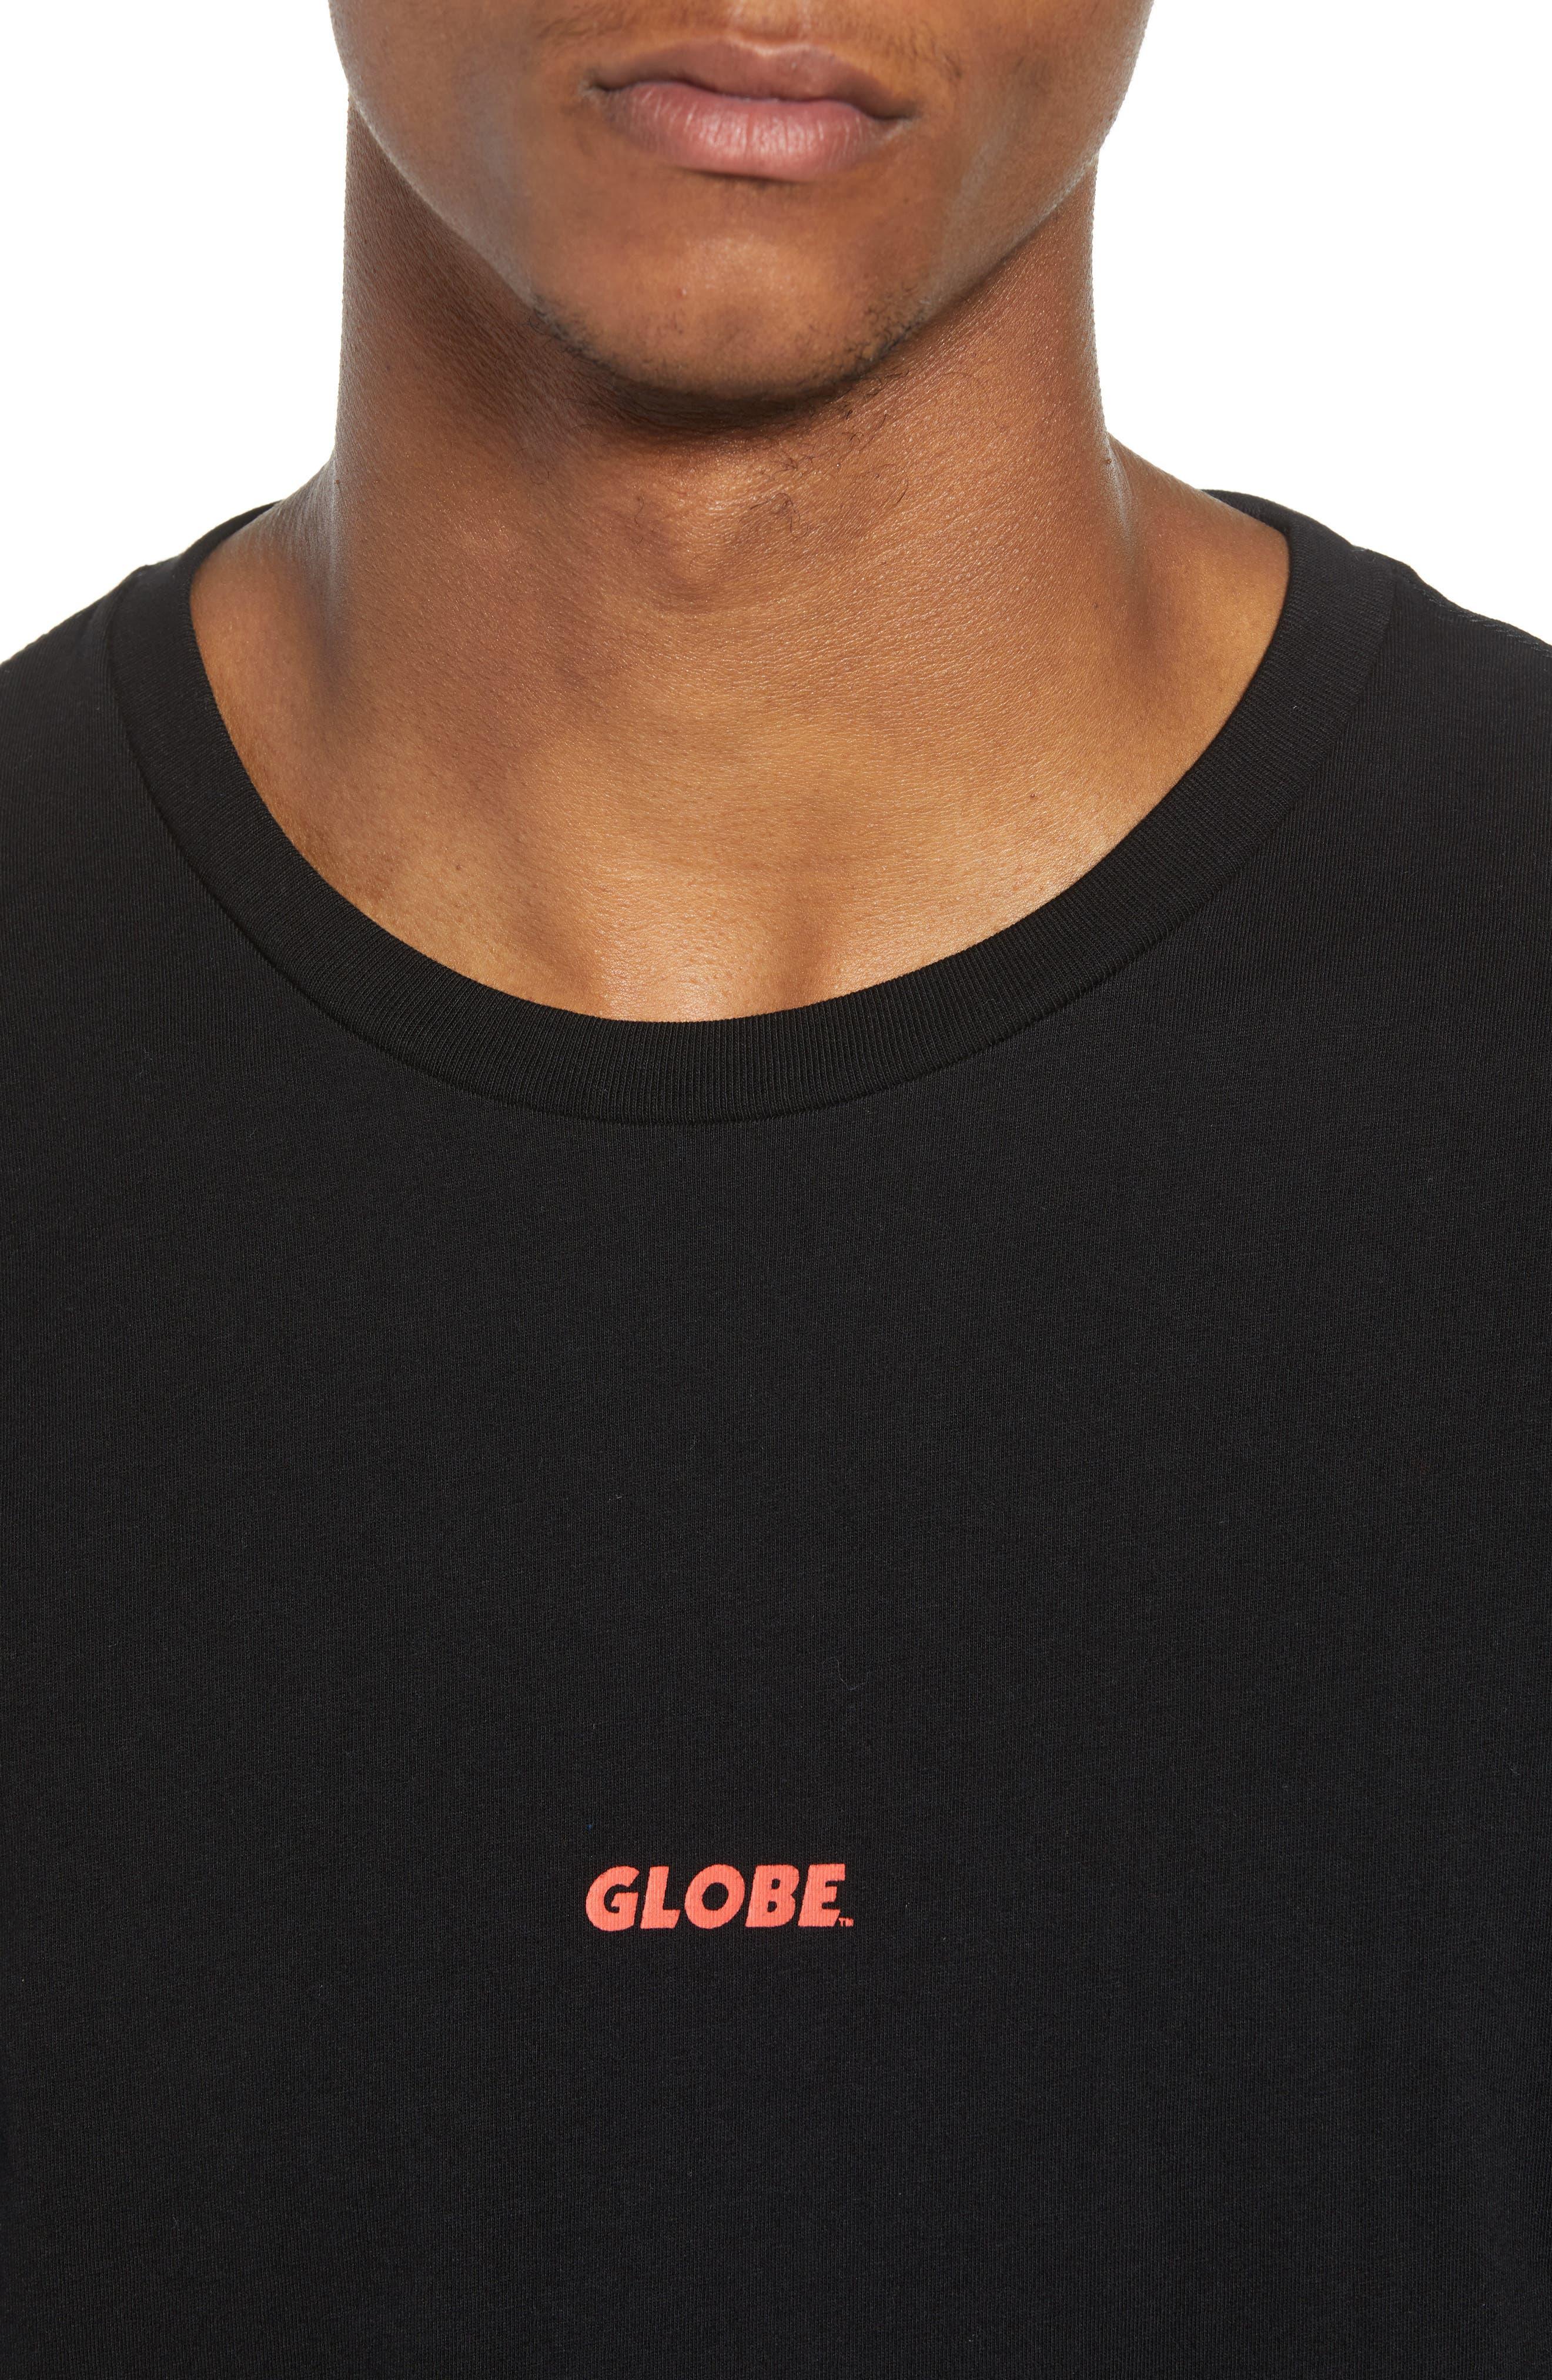 94 T-Shirt,                             Alternate thumbnail 4, color,